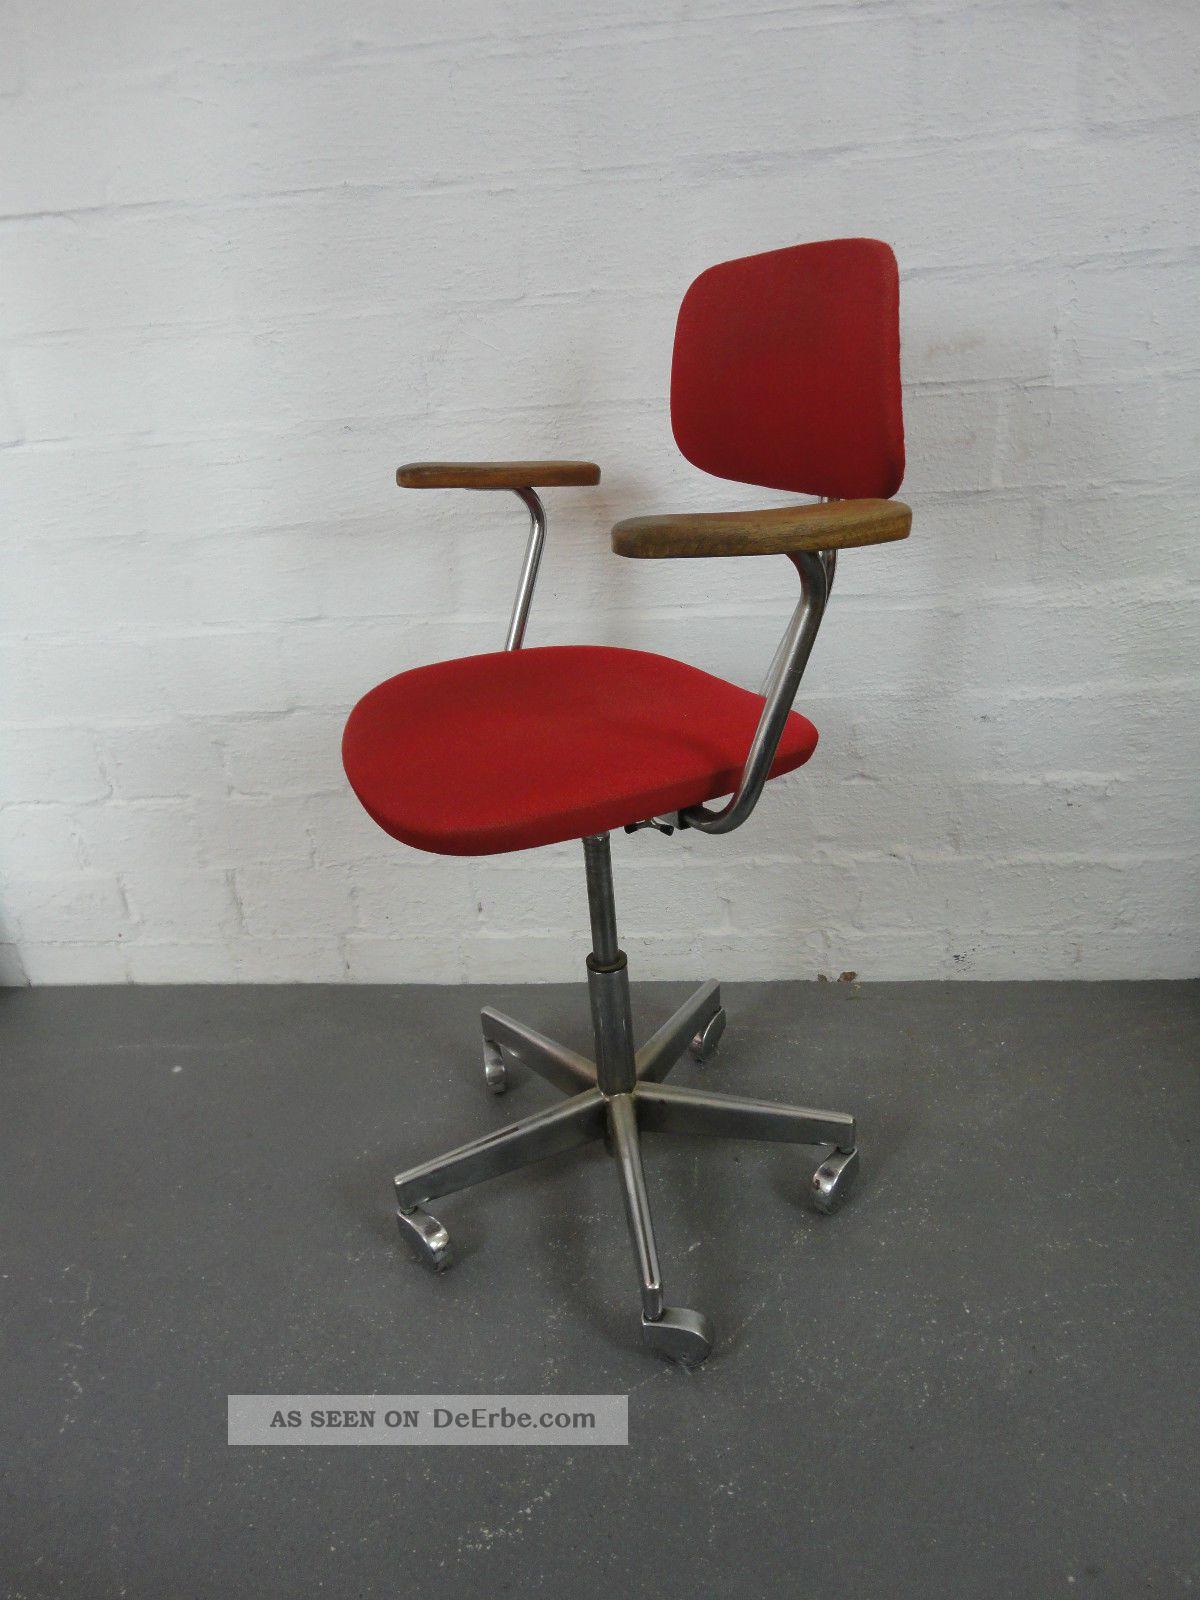 Mia Armlehnenstuhl Stuhl Schreibtischtuhl Schweden Design Entwurf